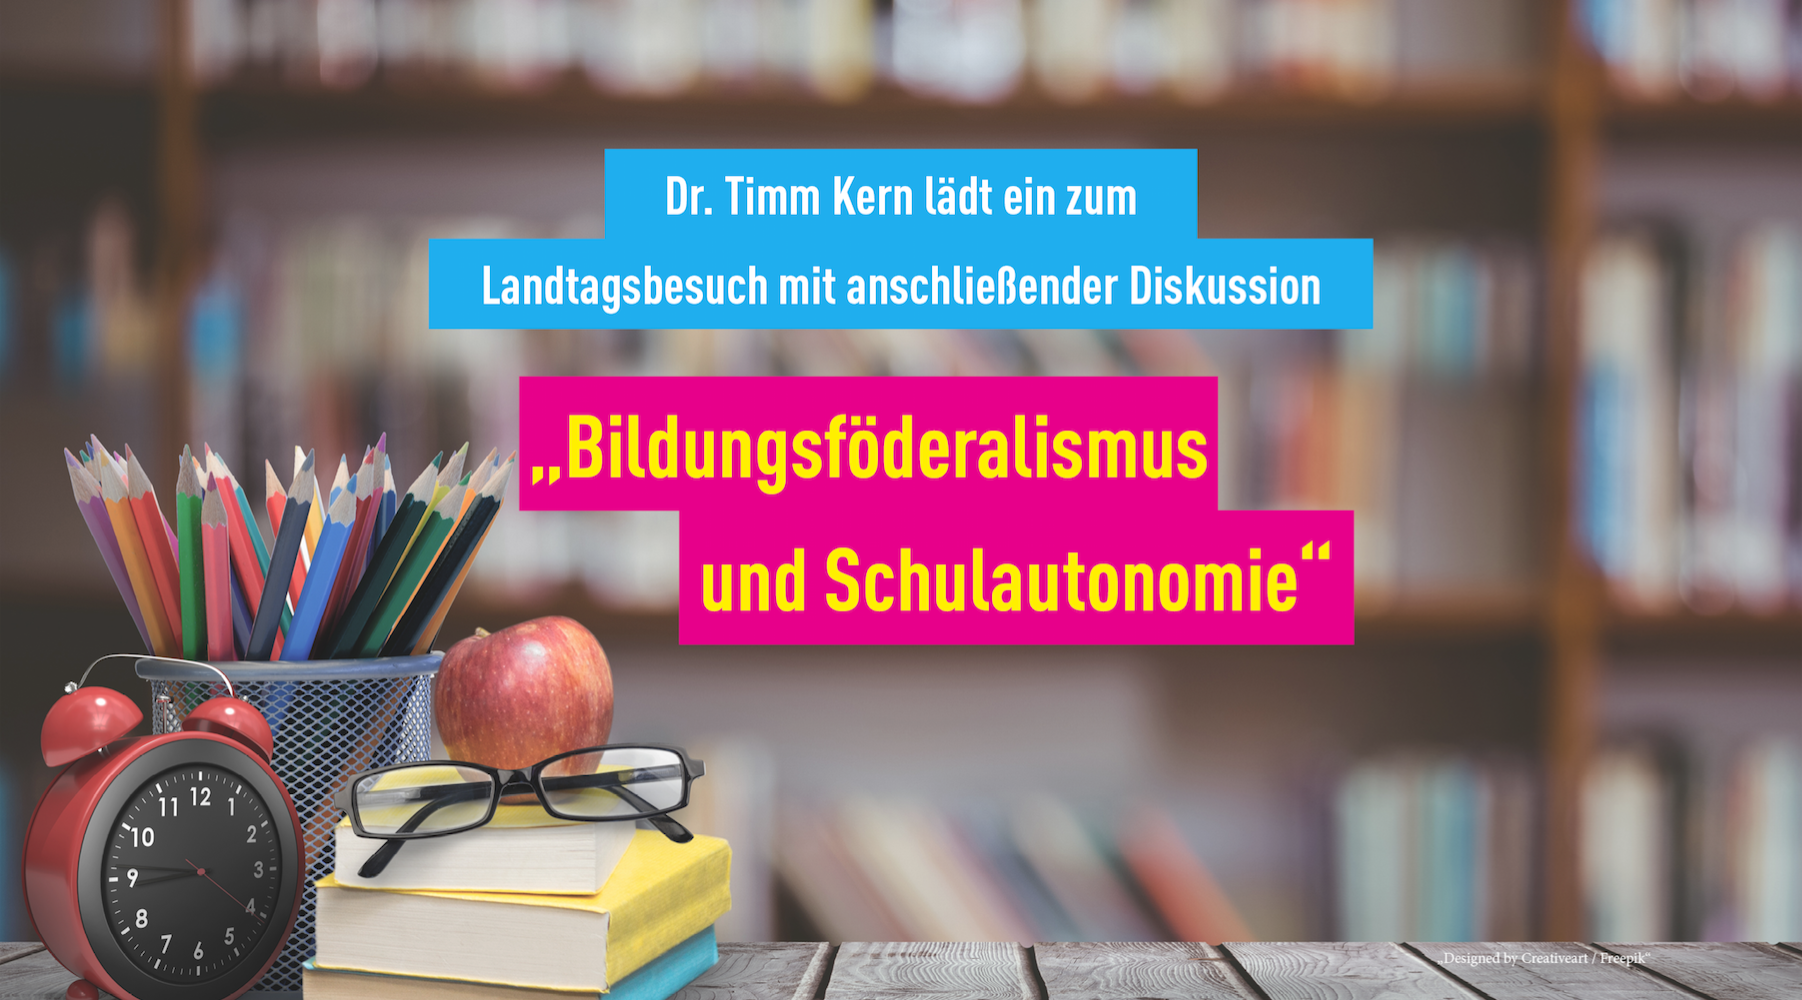 Dr. Timm Kern MdL | Einladung zu Landtagsbesuch und Diskussion